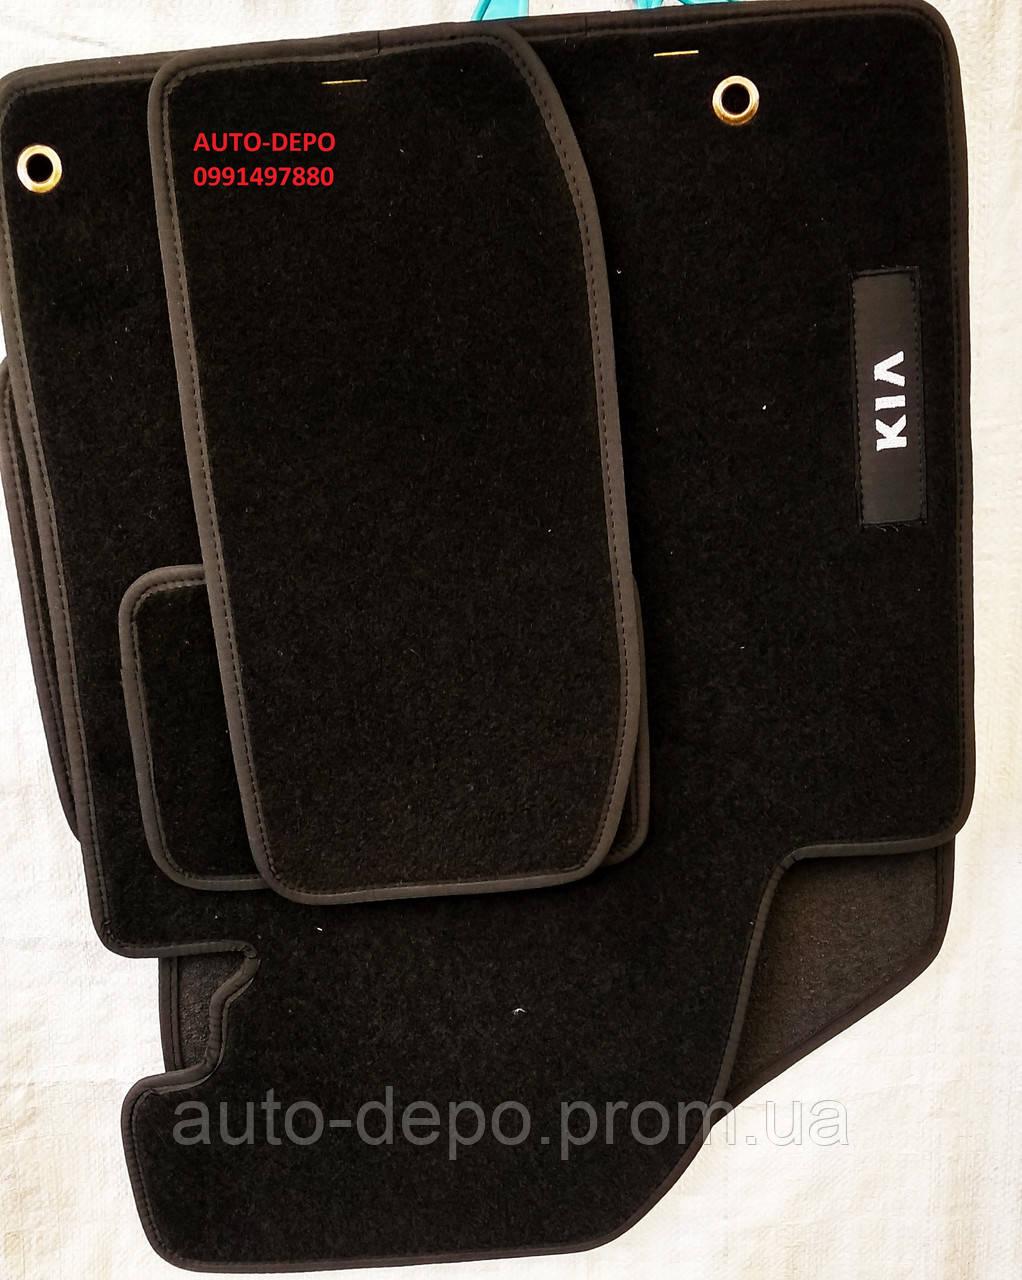 Ворсовые автомобильные коврики Kia Picanto 2004- CIAC GRAN